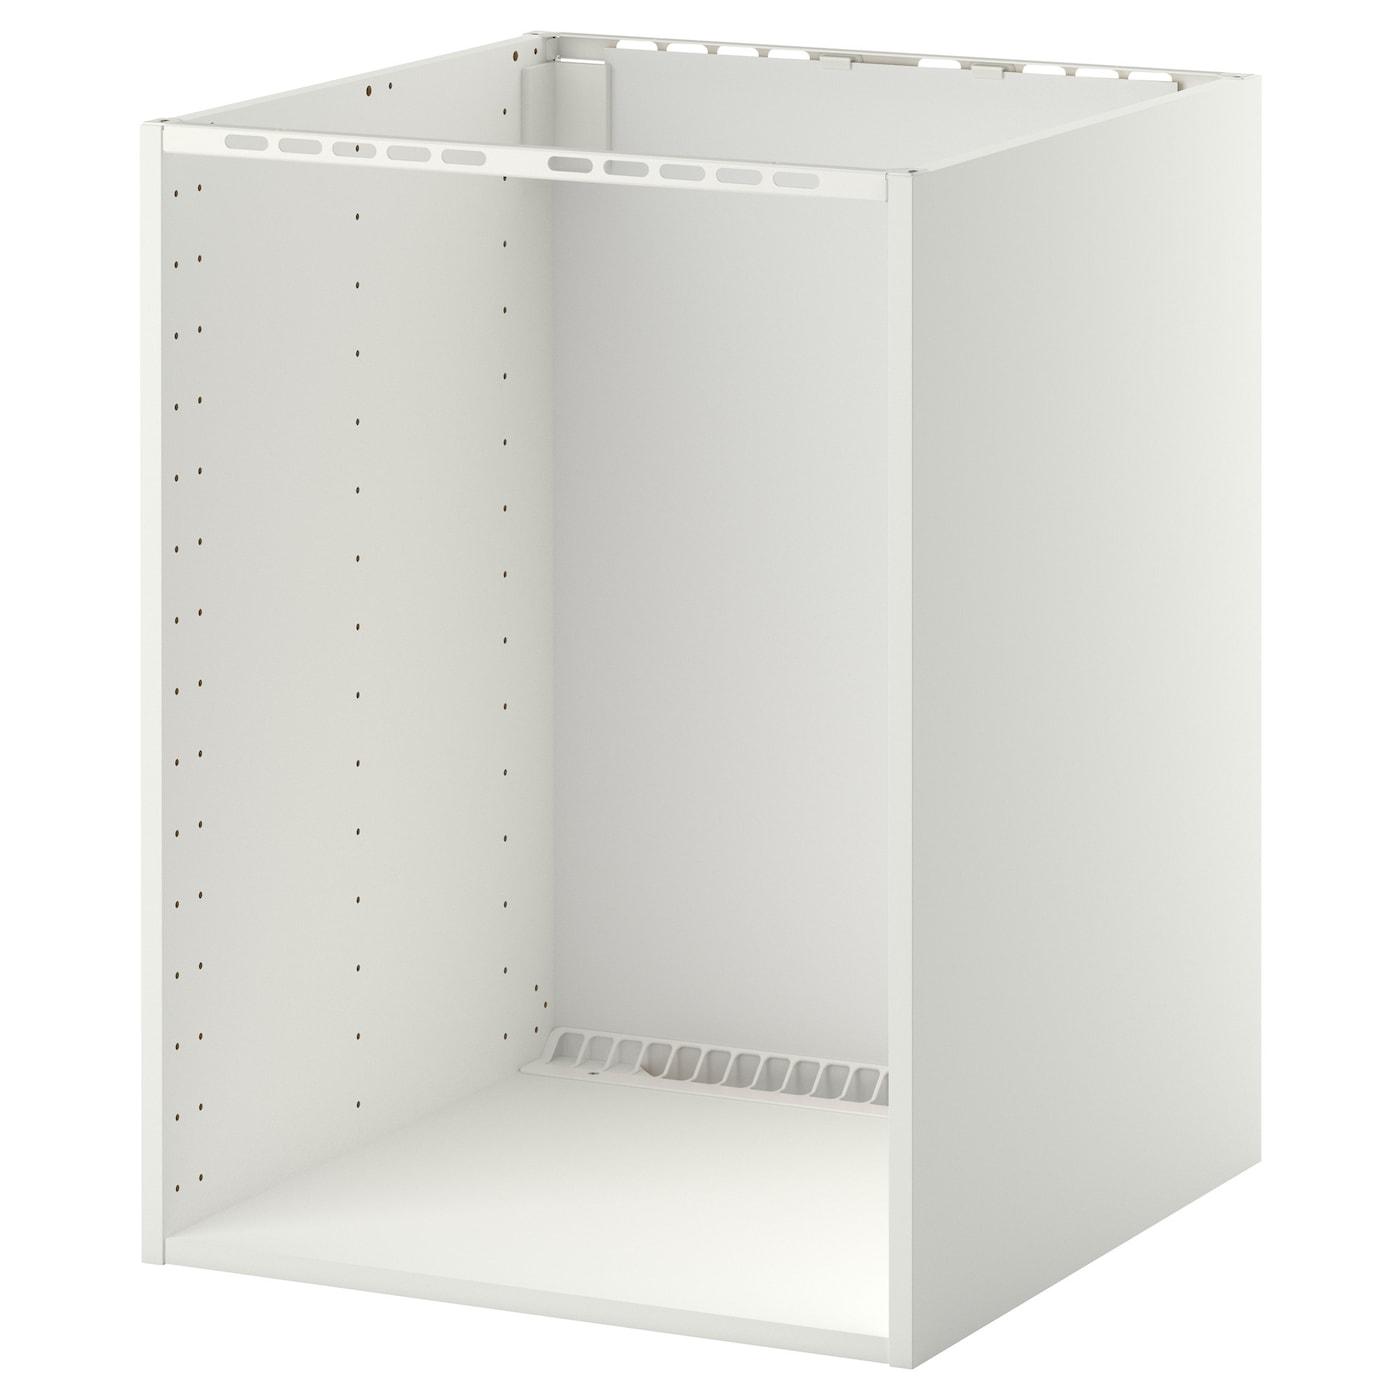 metod Élément bas pr four/évier encastré blanc 60 x 60 x 80 cm - ikea